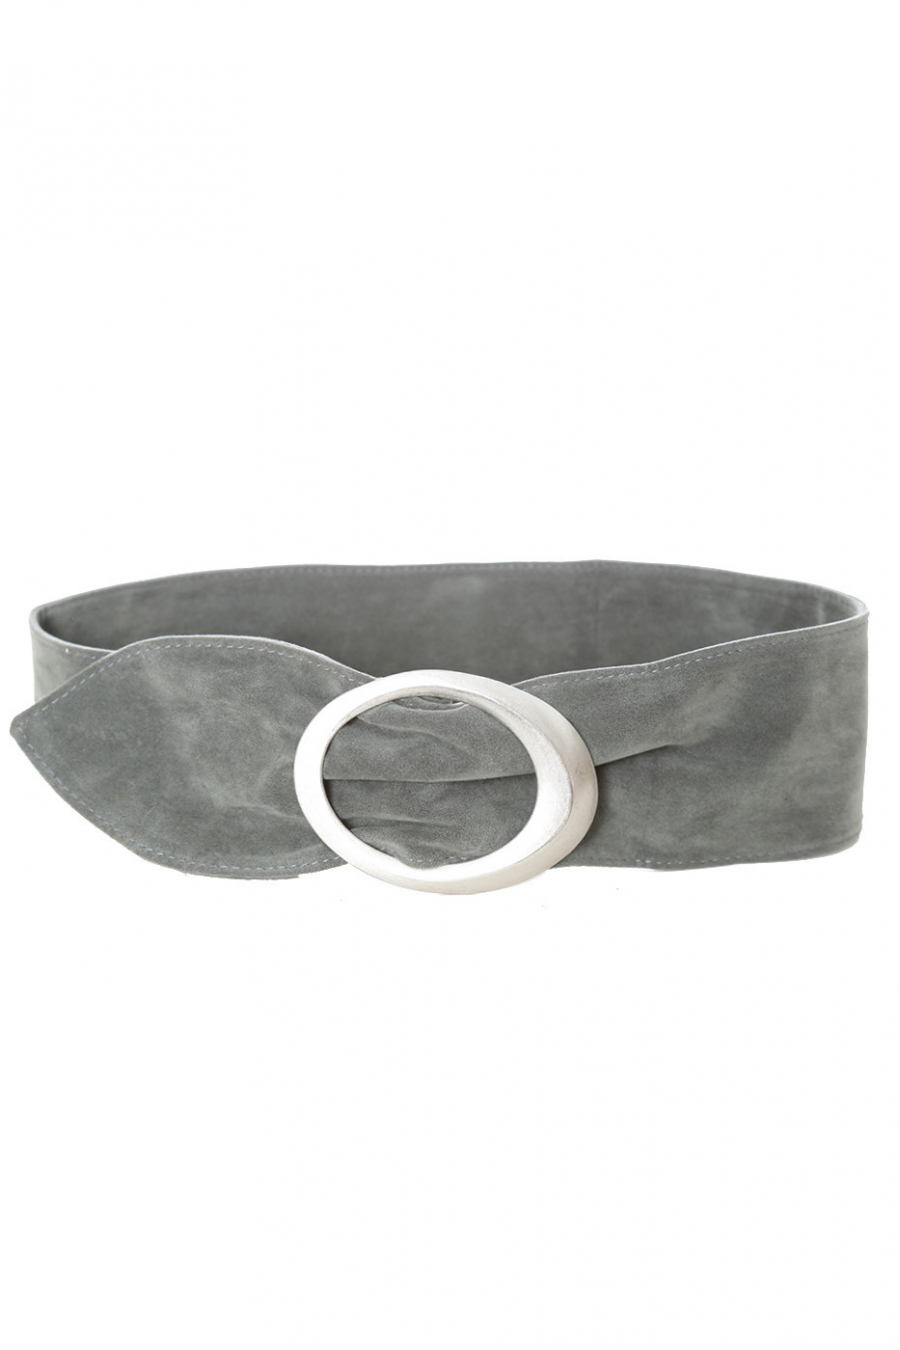 Ceinture grise effet daim à boucle ovale. SG-0481